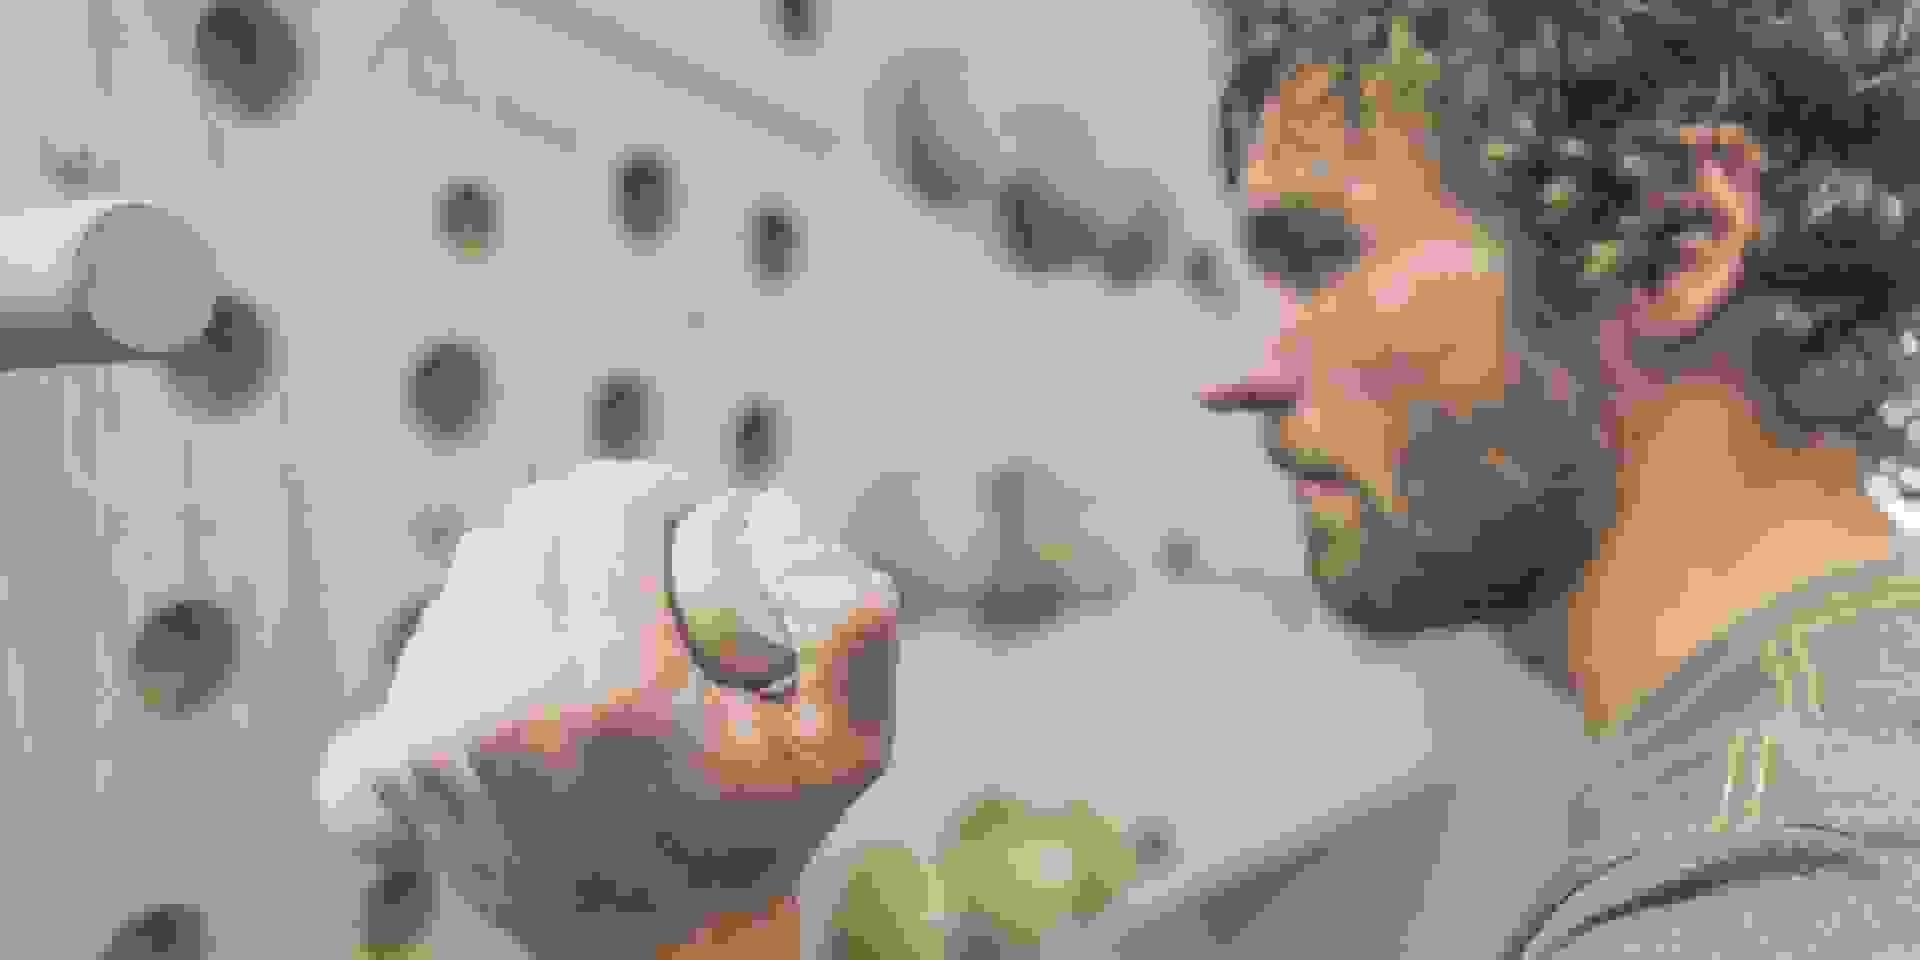 Ein Mann macht Übungen an einem Steckbrett damit er fir fürs Bouldern wird